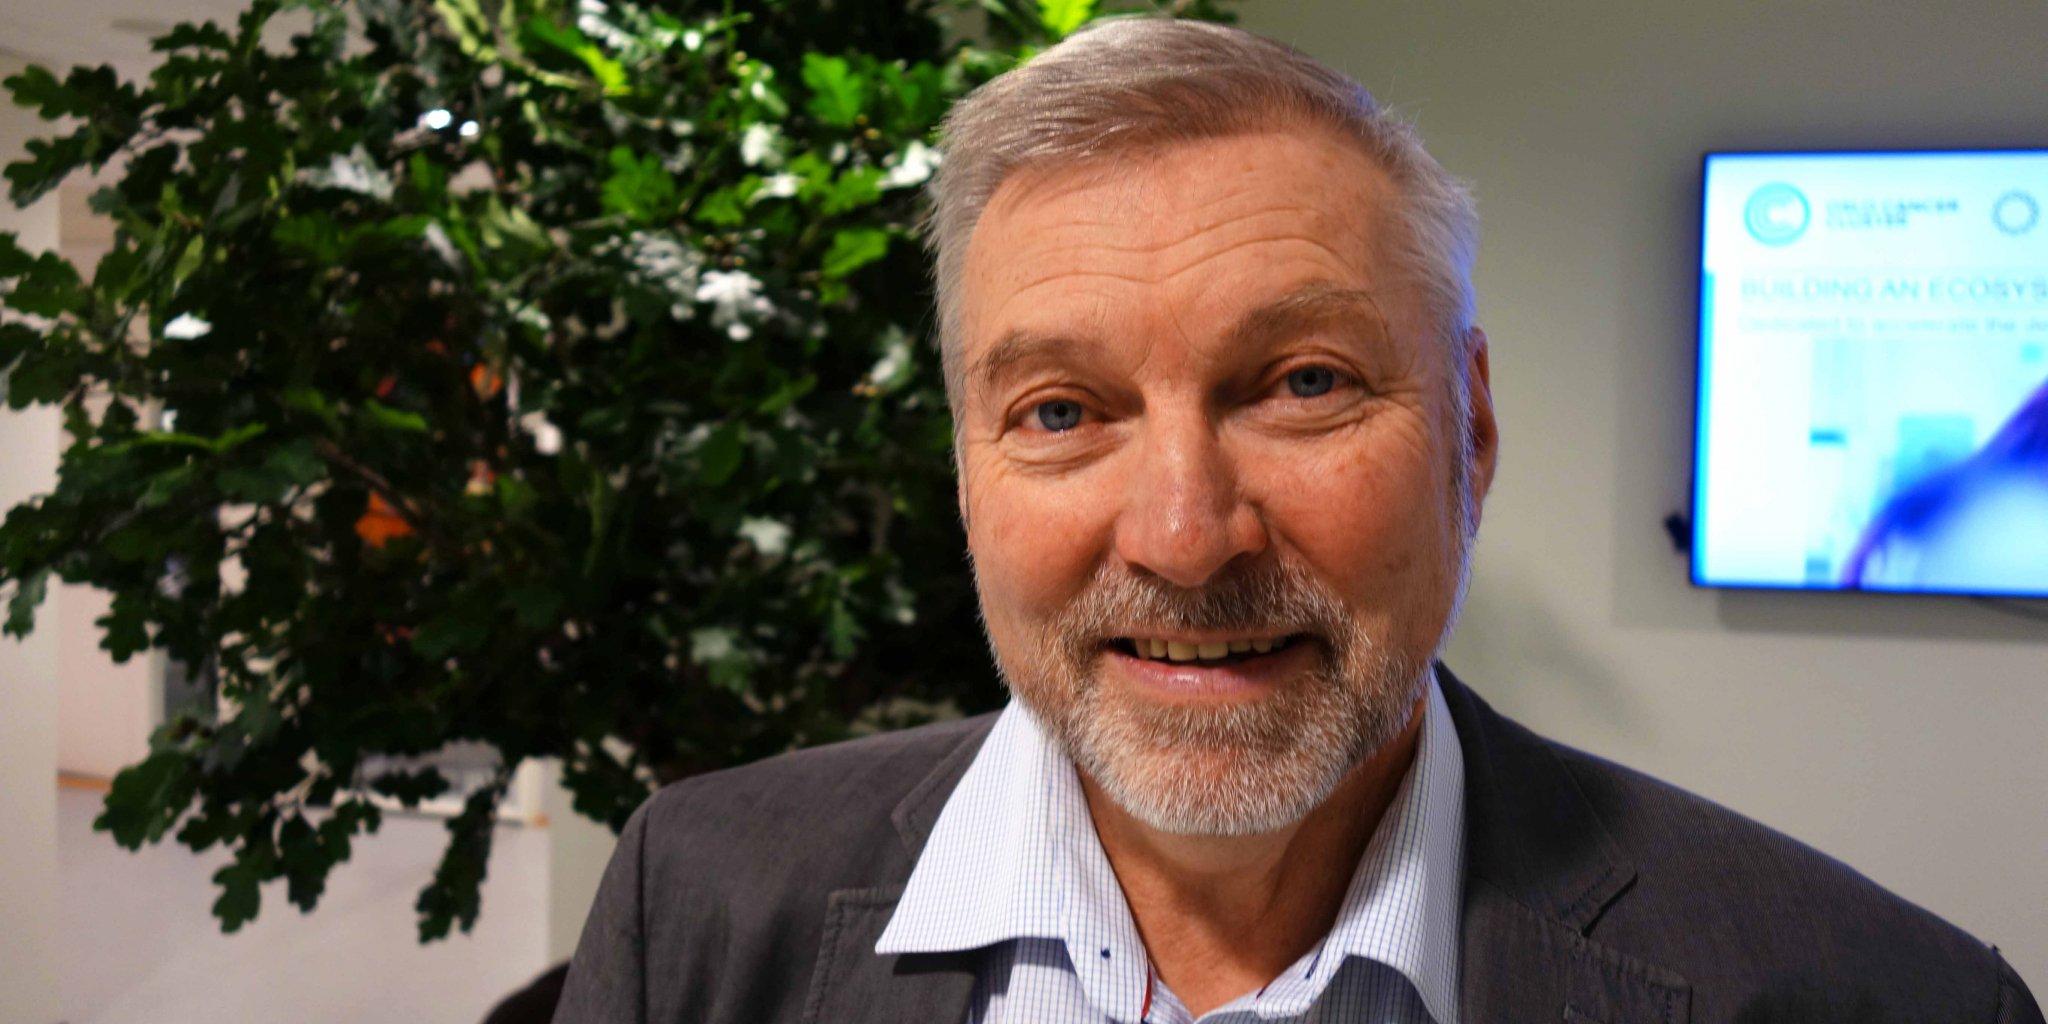 Per Håvard Kleven, founder of Kongsberg Beam Technology